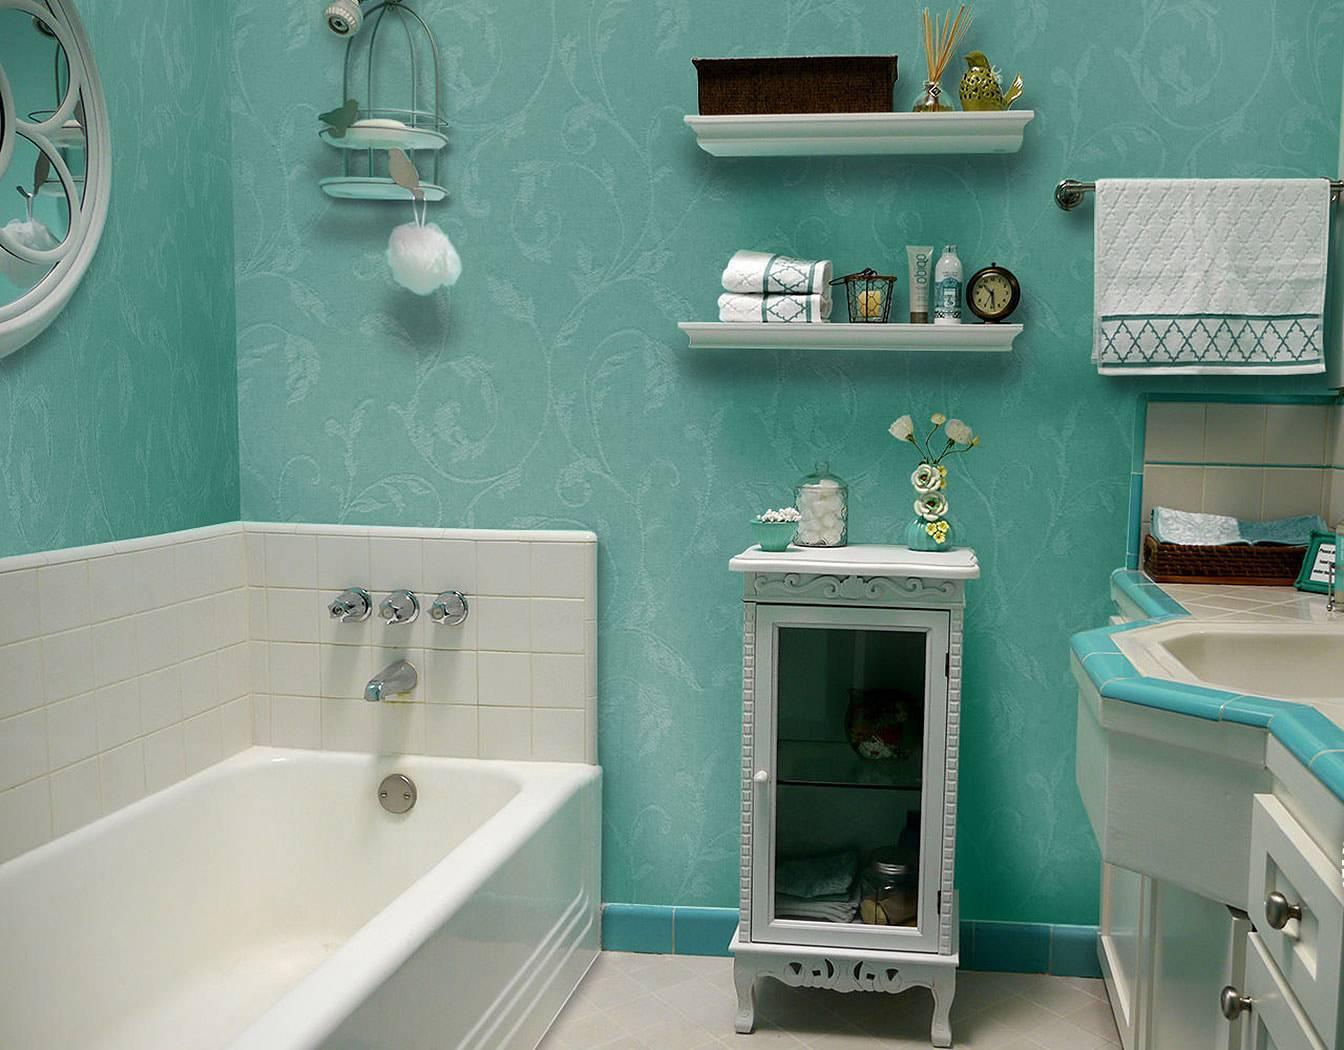 Обои для ванной комнаты (65 фото): влагостойкие и моющиеся, самоклеющиеся и термостойкие модели, какие можно клеить в санузле, отзывы